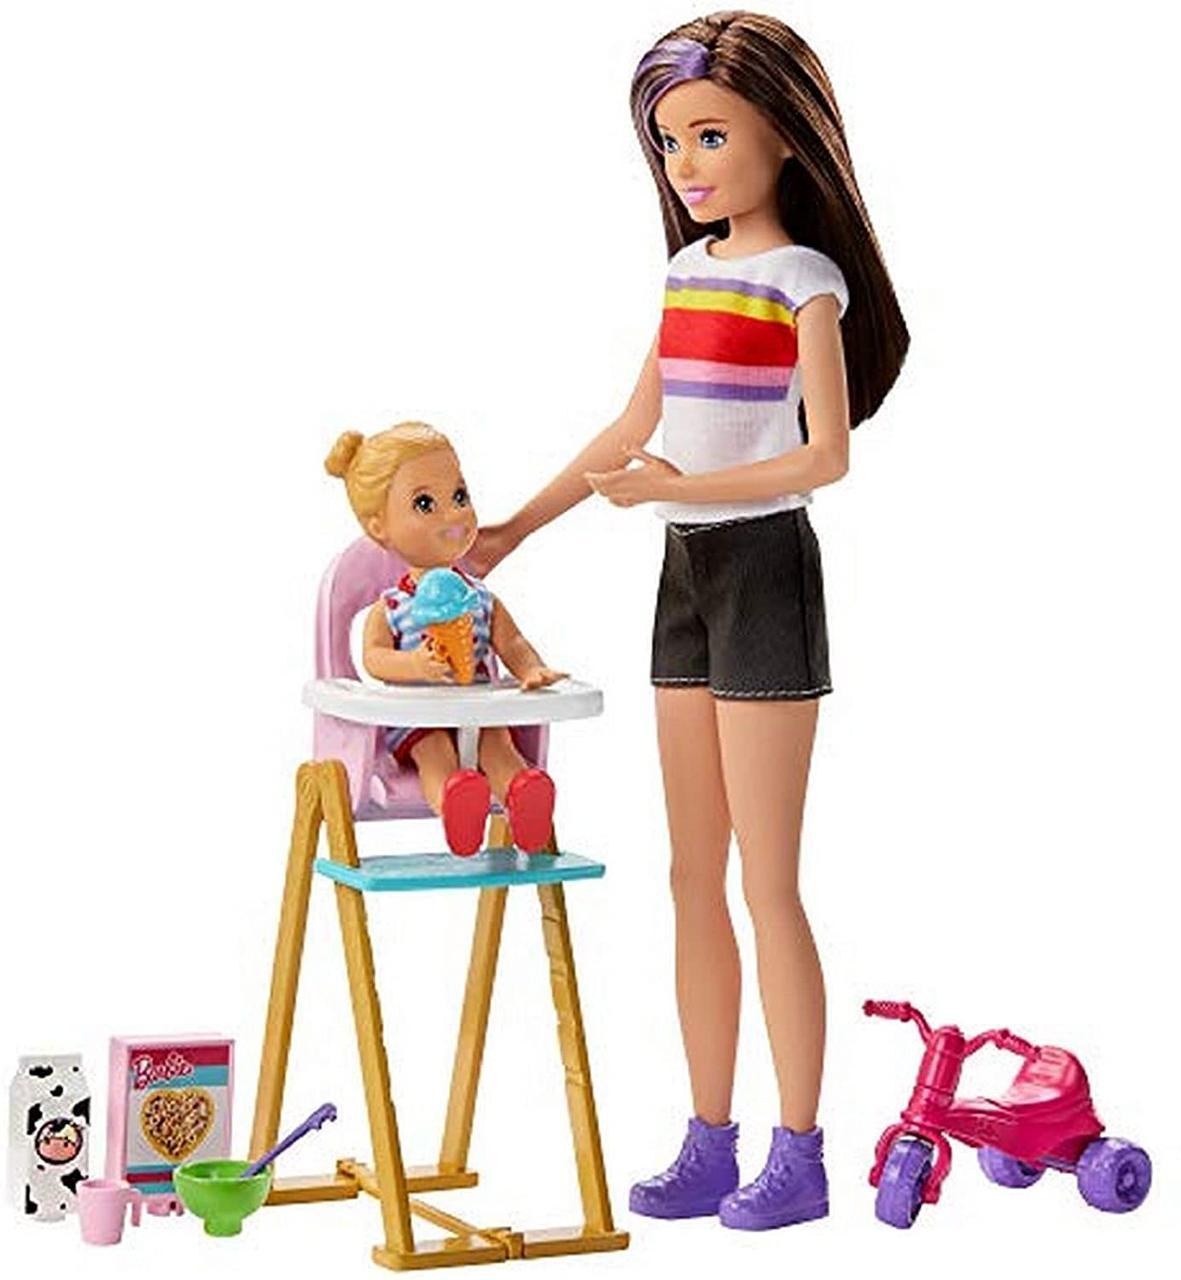 Игровой набор для кормления Барби Скиппер няня и малышка Barbie (GHV87) (887961803570)